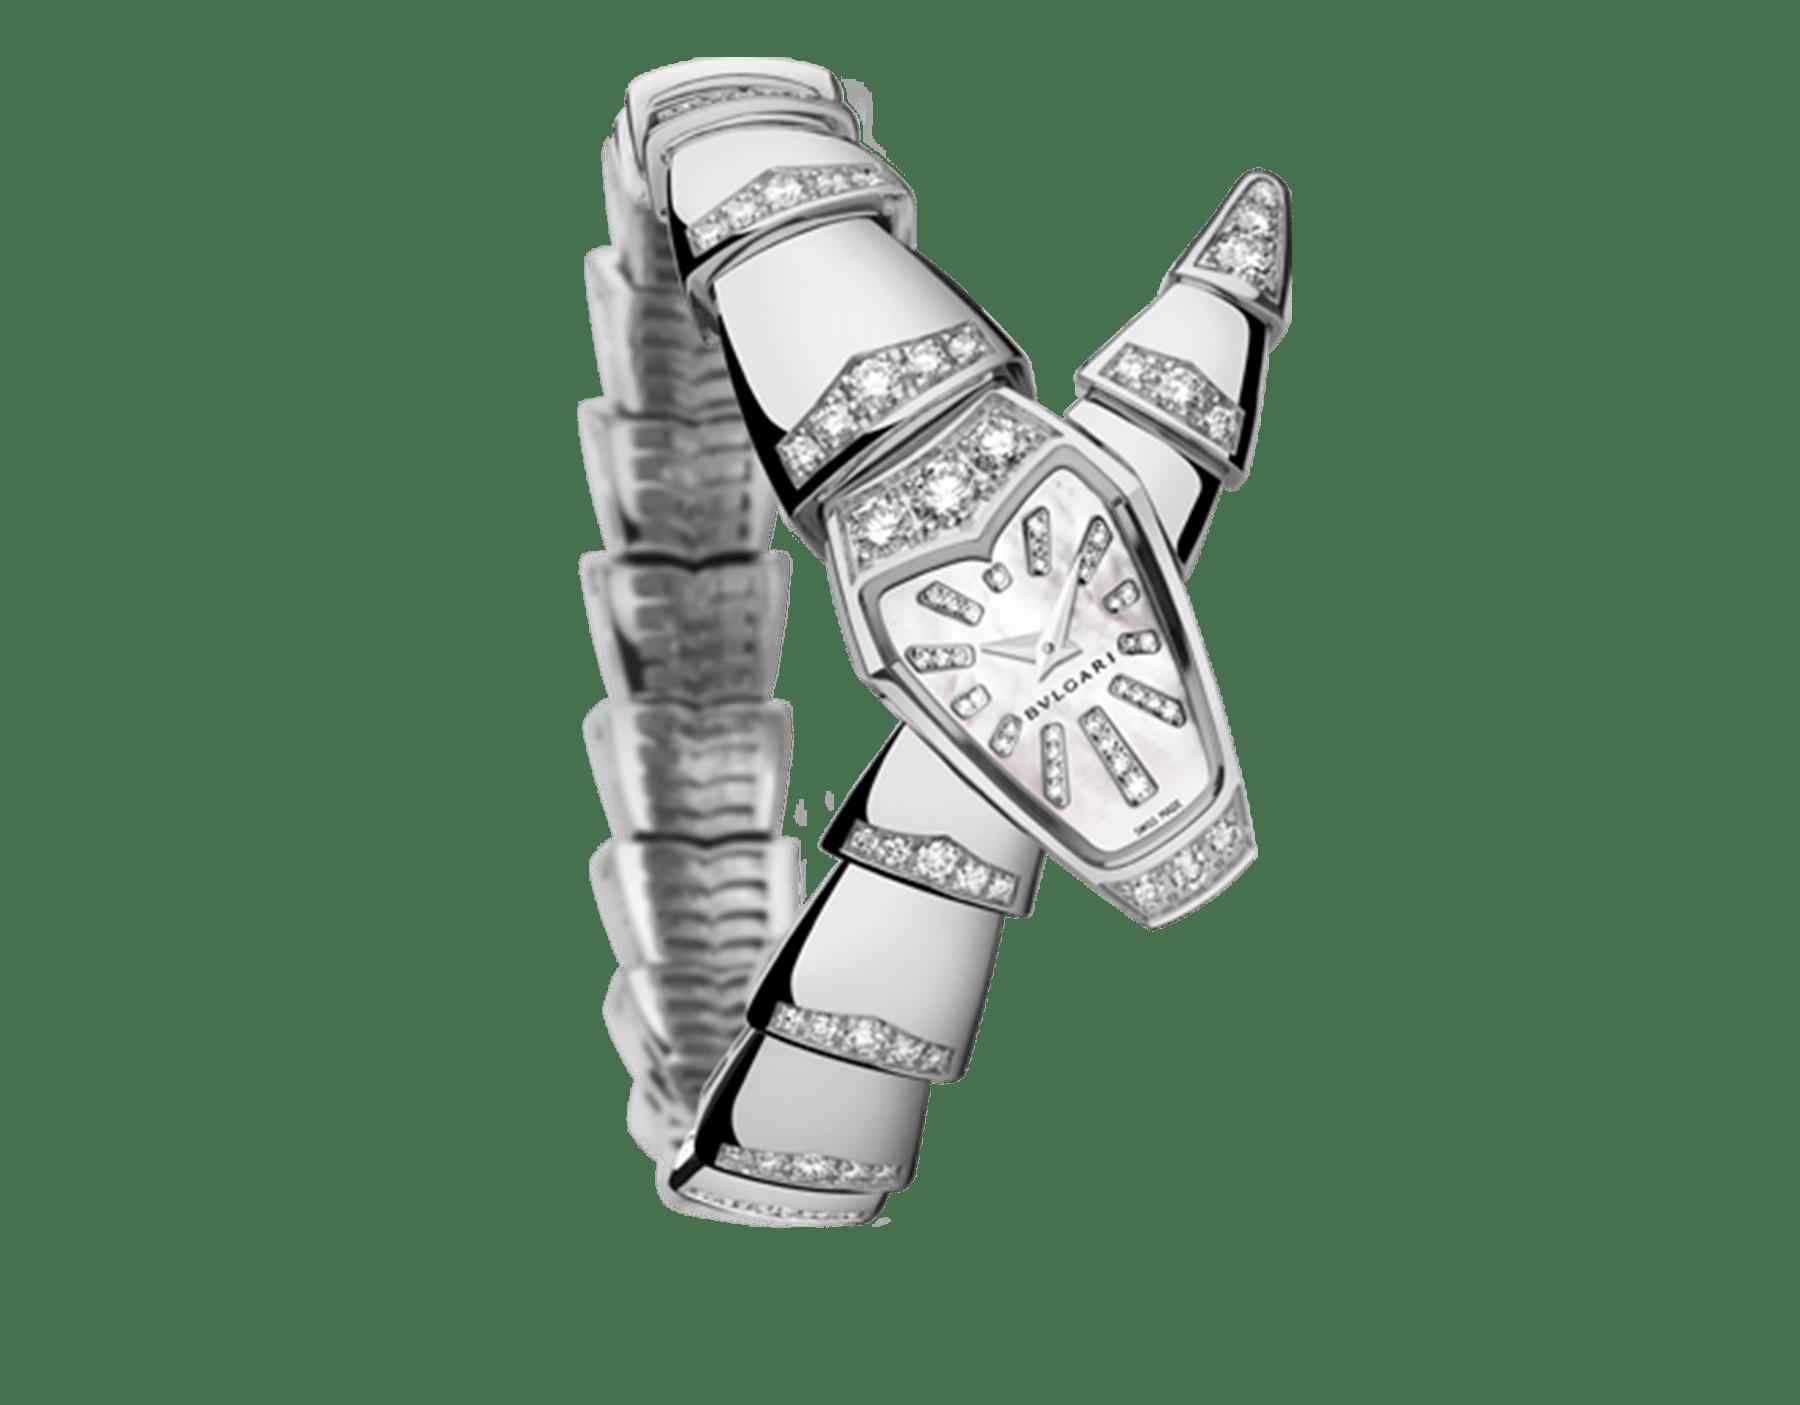 Montre-bijou Serpenti avec boîtier et bracelet une spirale en or blanc 18K sertis de diamants taille brillant, cadran en nacre blanche et index sertis de diamants. 102366 image 1